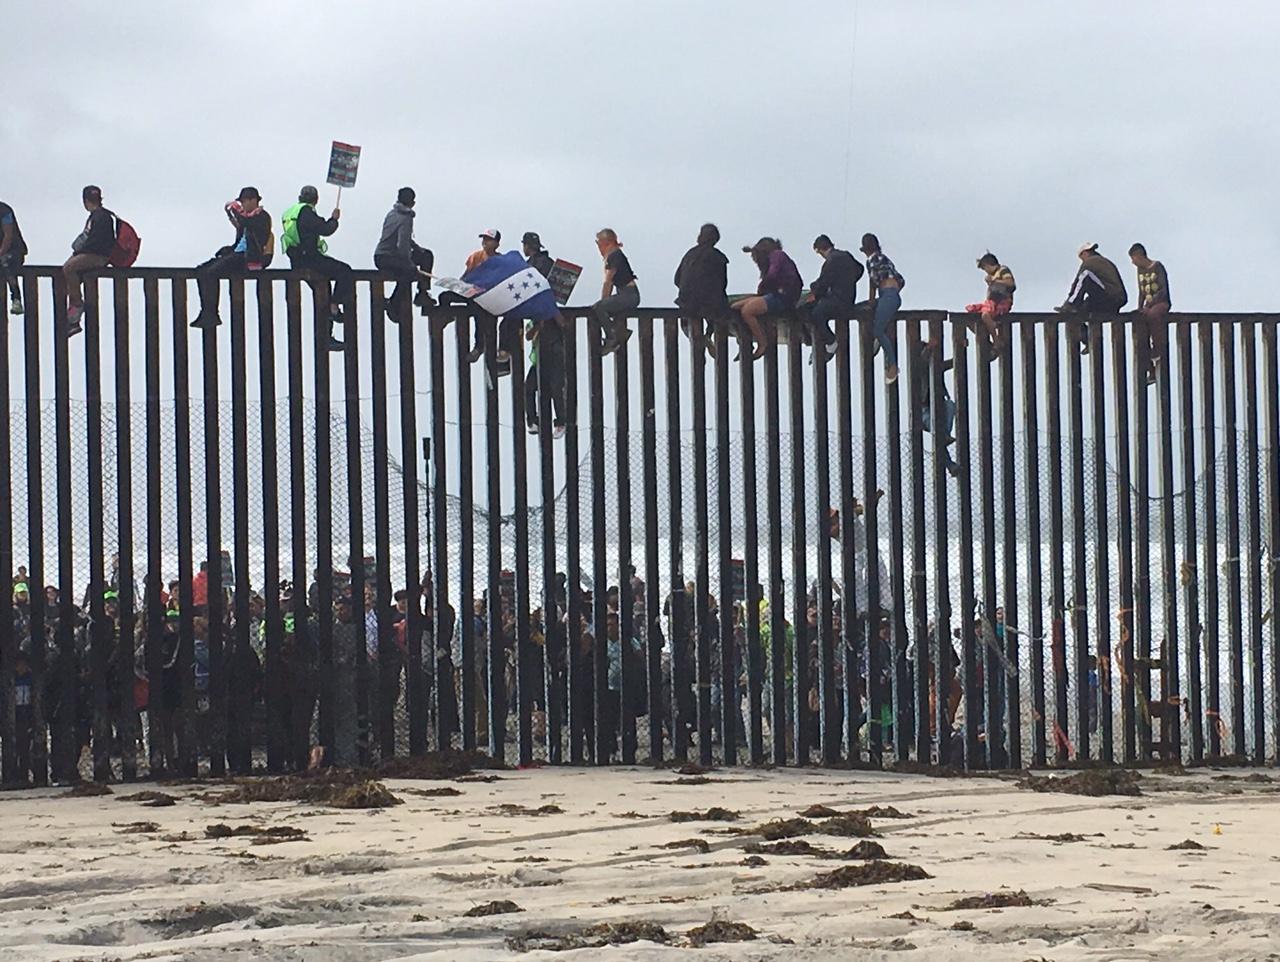 Marcha Sin Fronteras da la bienvenida a caravana de refugiados en San Diego y Tijuana